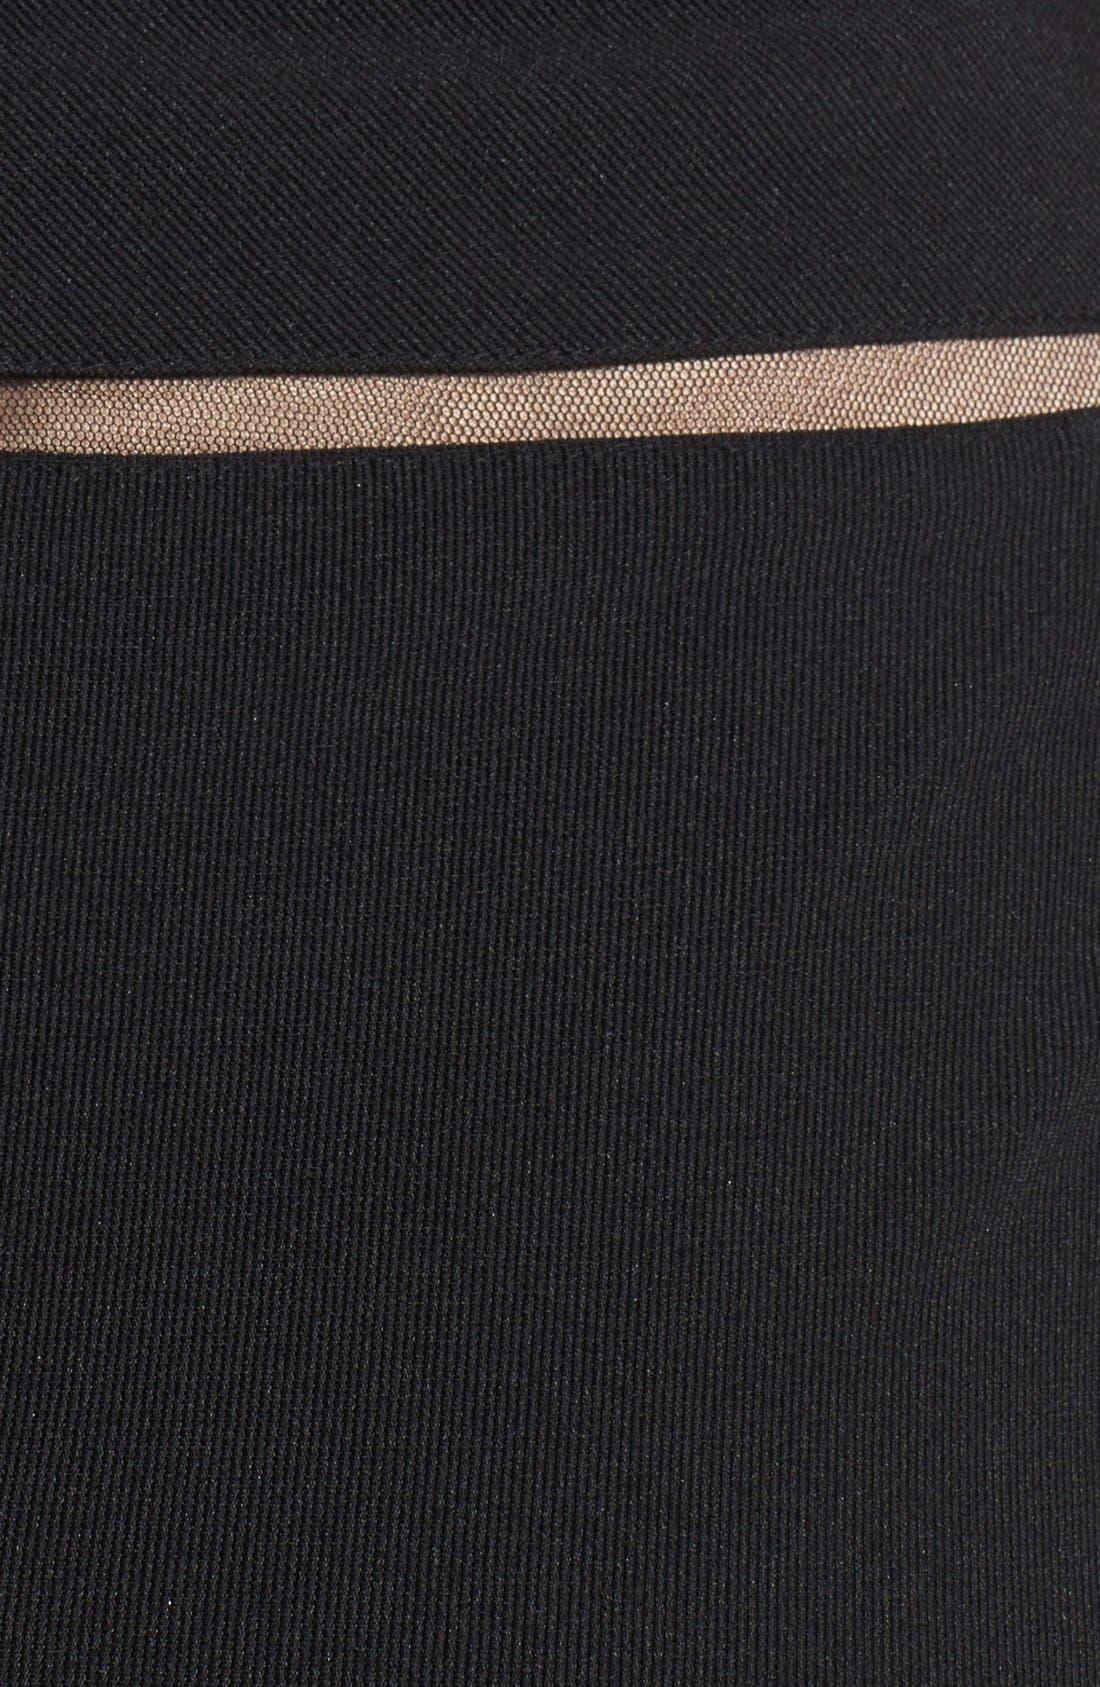 Alternate Image 4  - JS Collection Ottoman Knit Dress